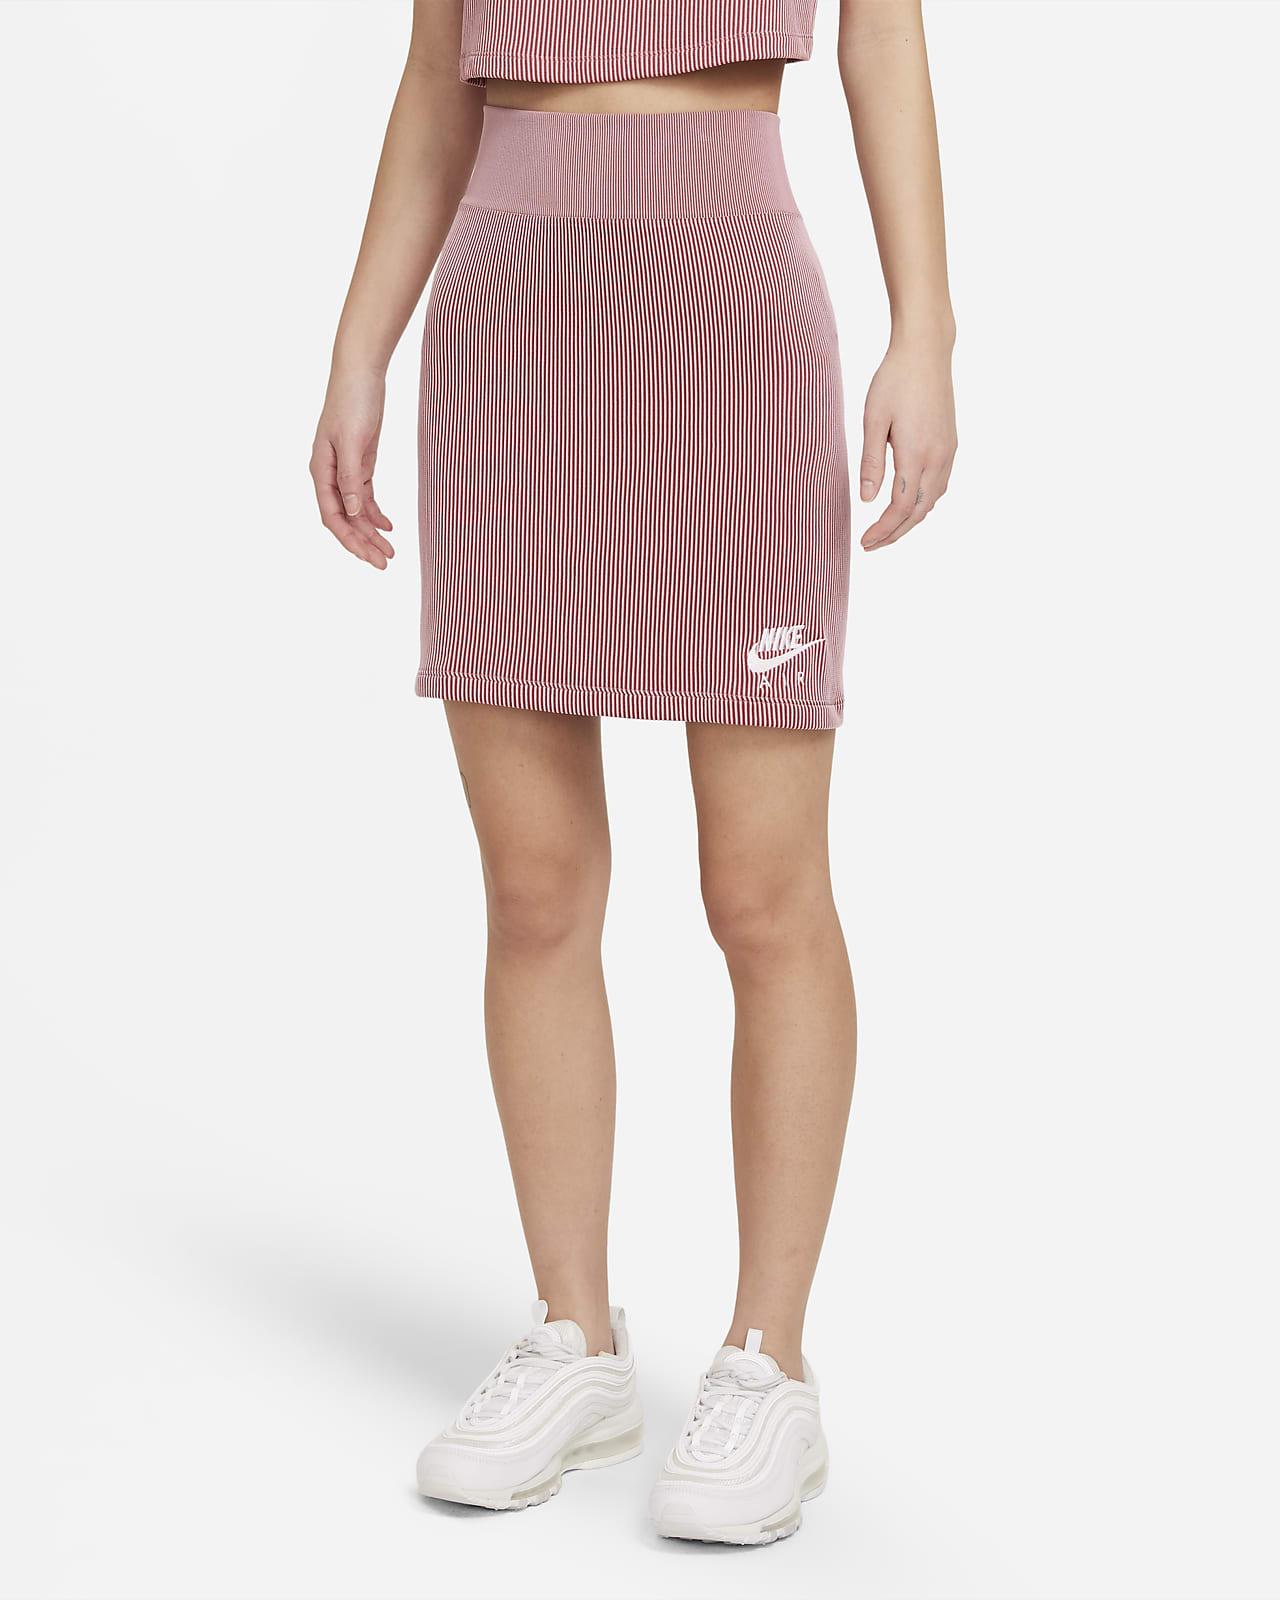 Nike Air 女款短裙